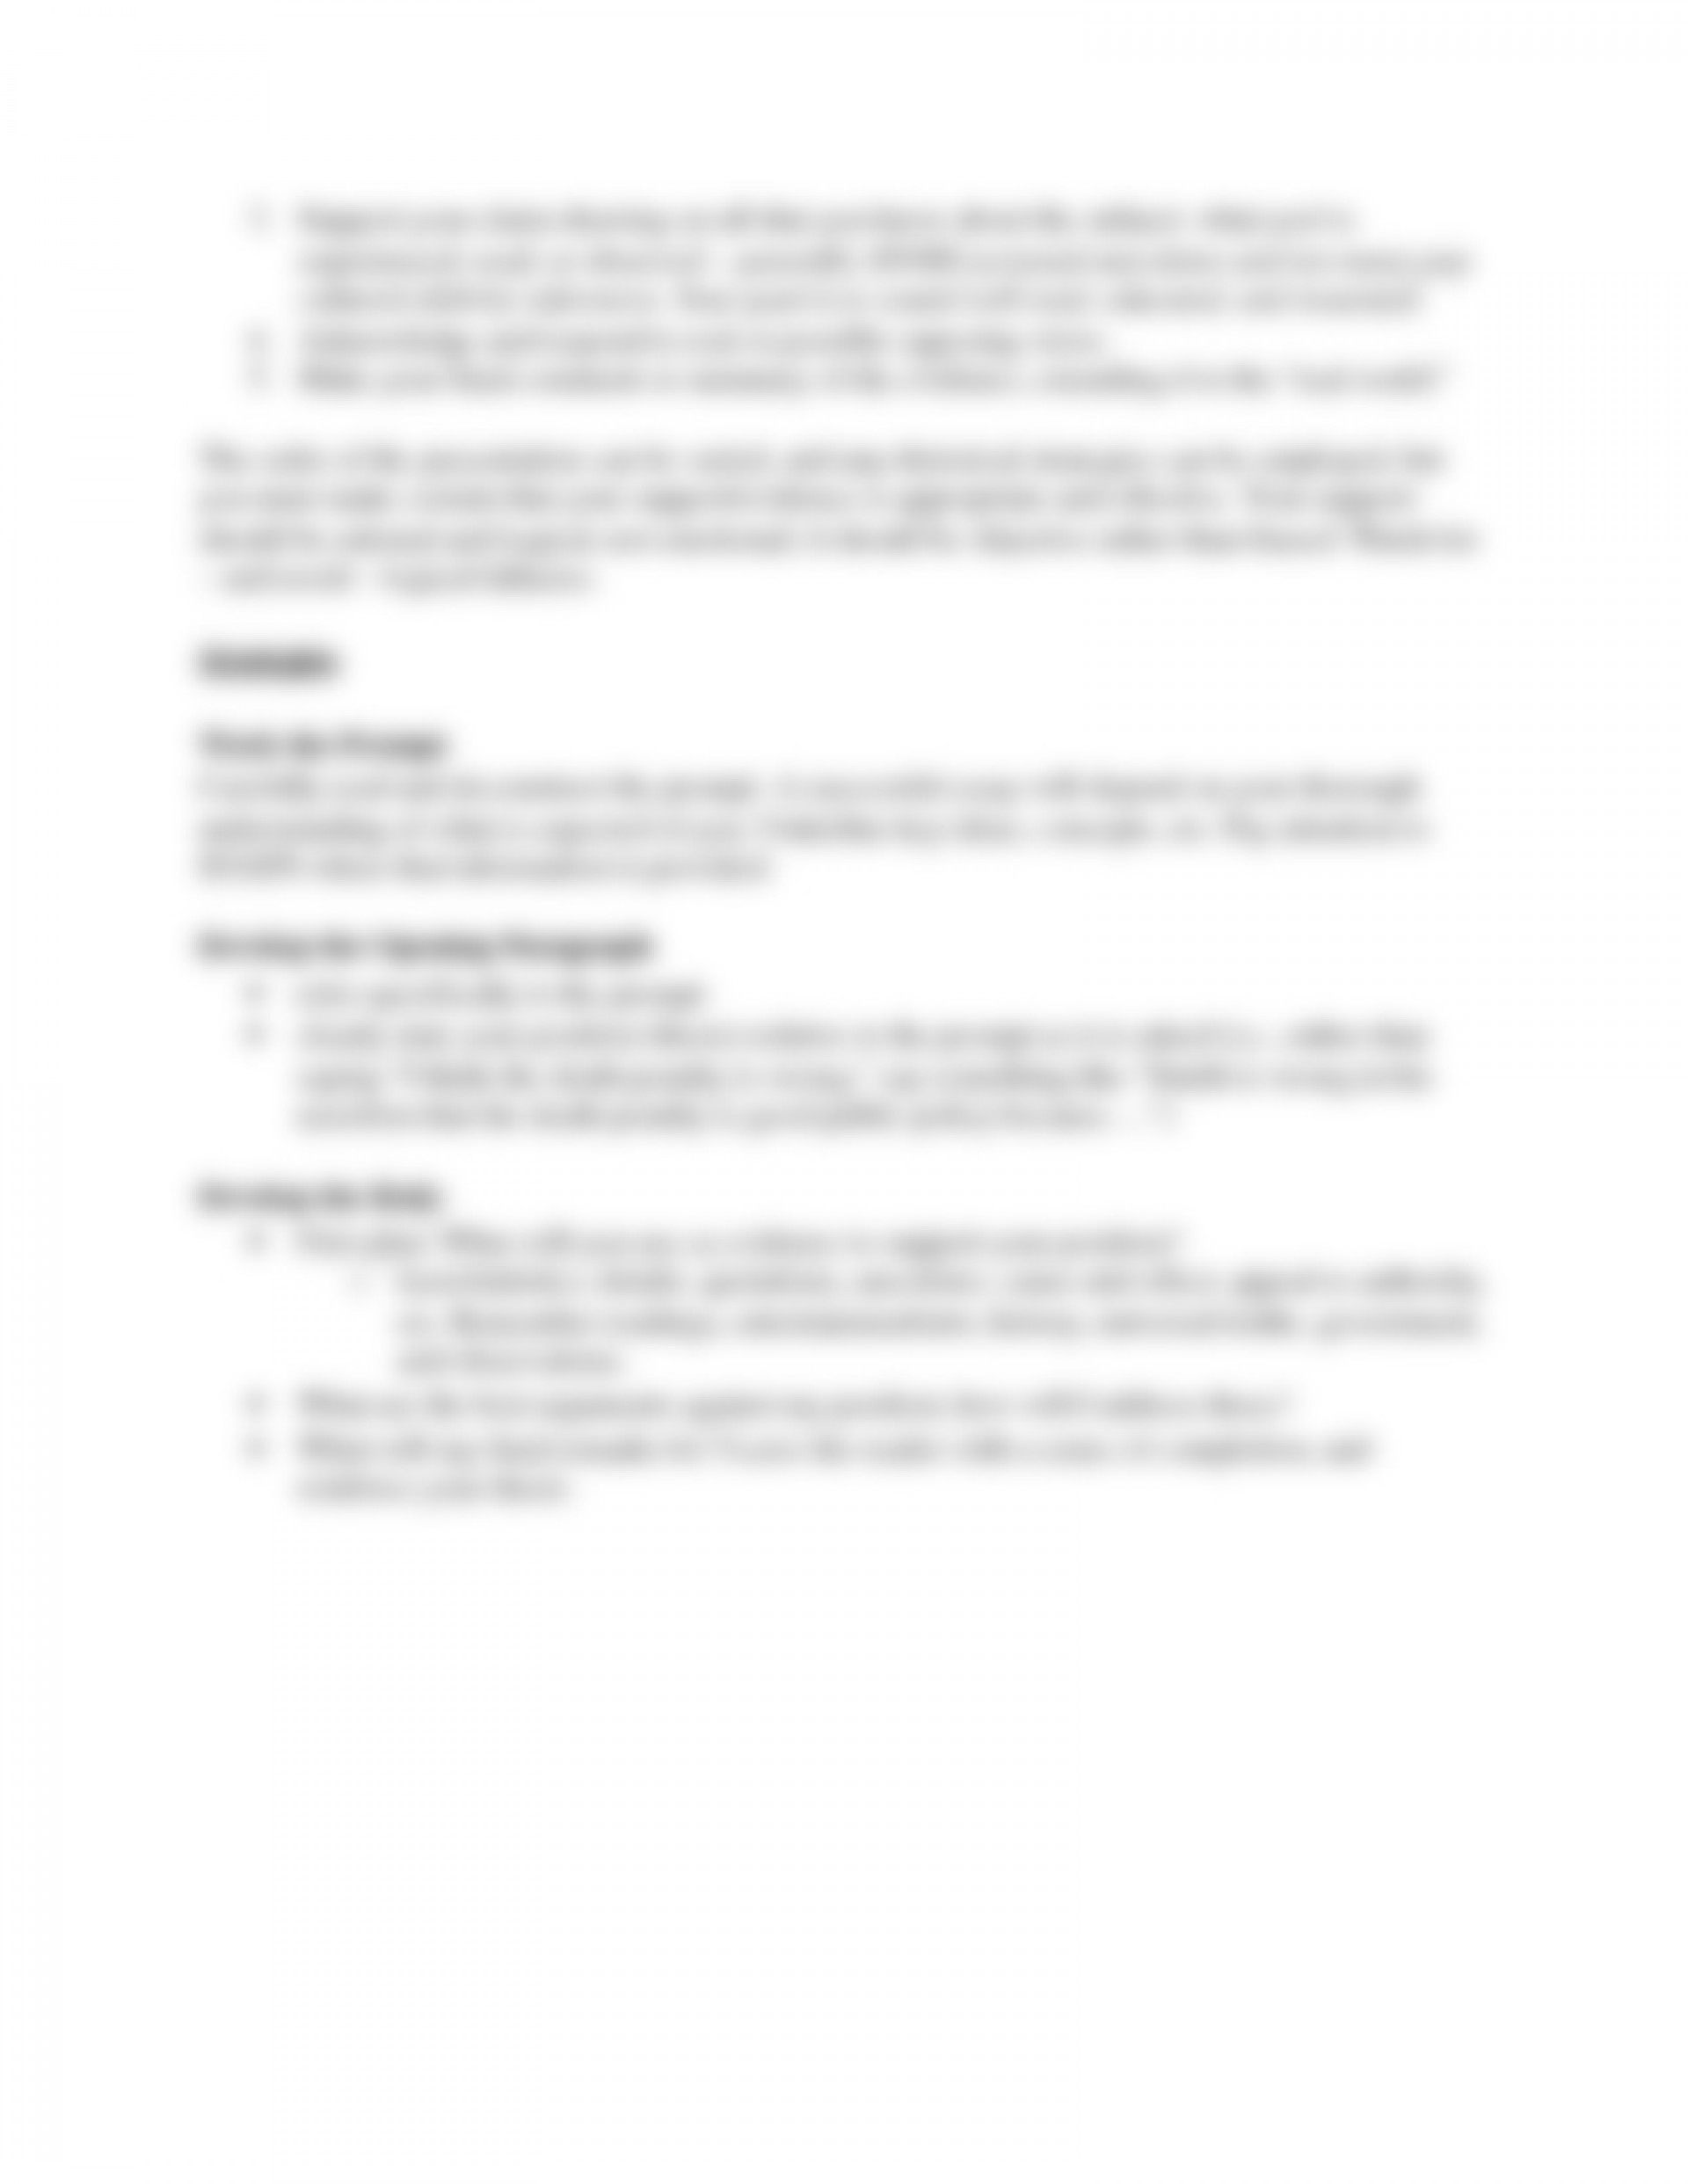 019 Essay Example Racism Argumentative Fantastic Topics In Sports 1920